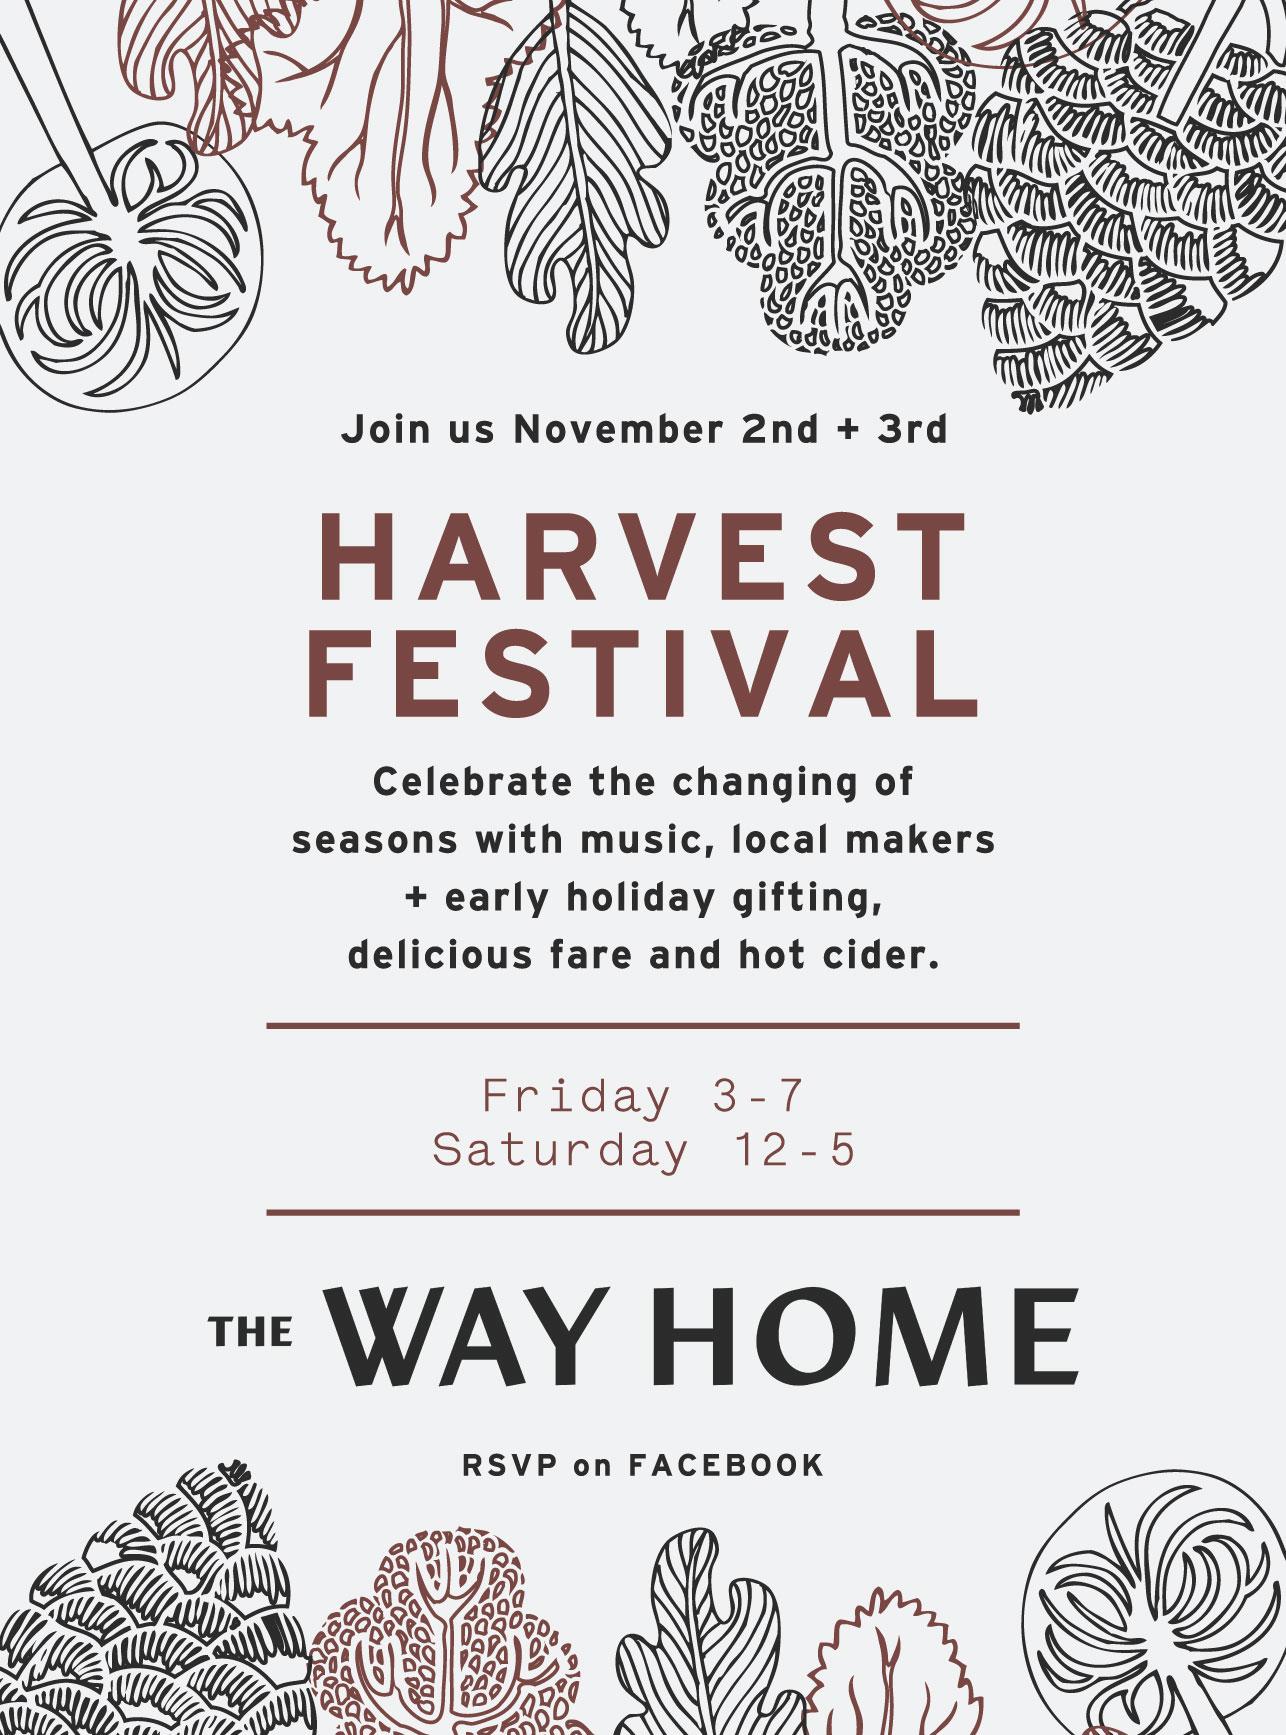 Harvestfestivalposter-(2).jpg